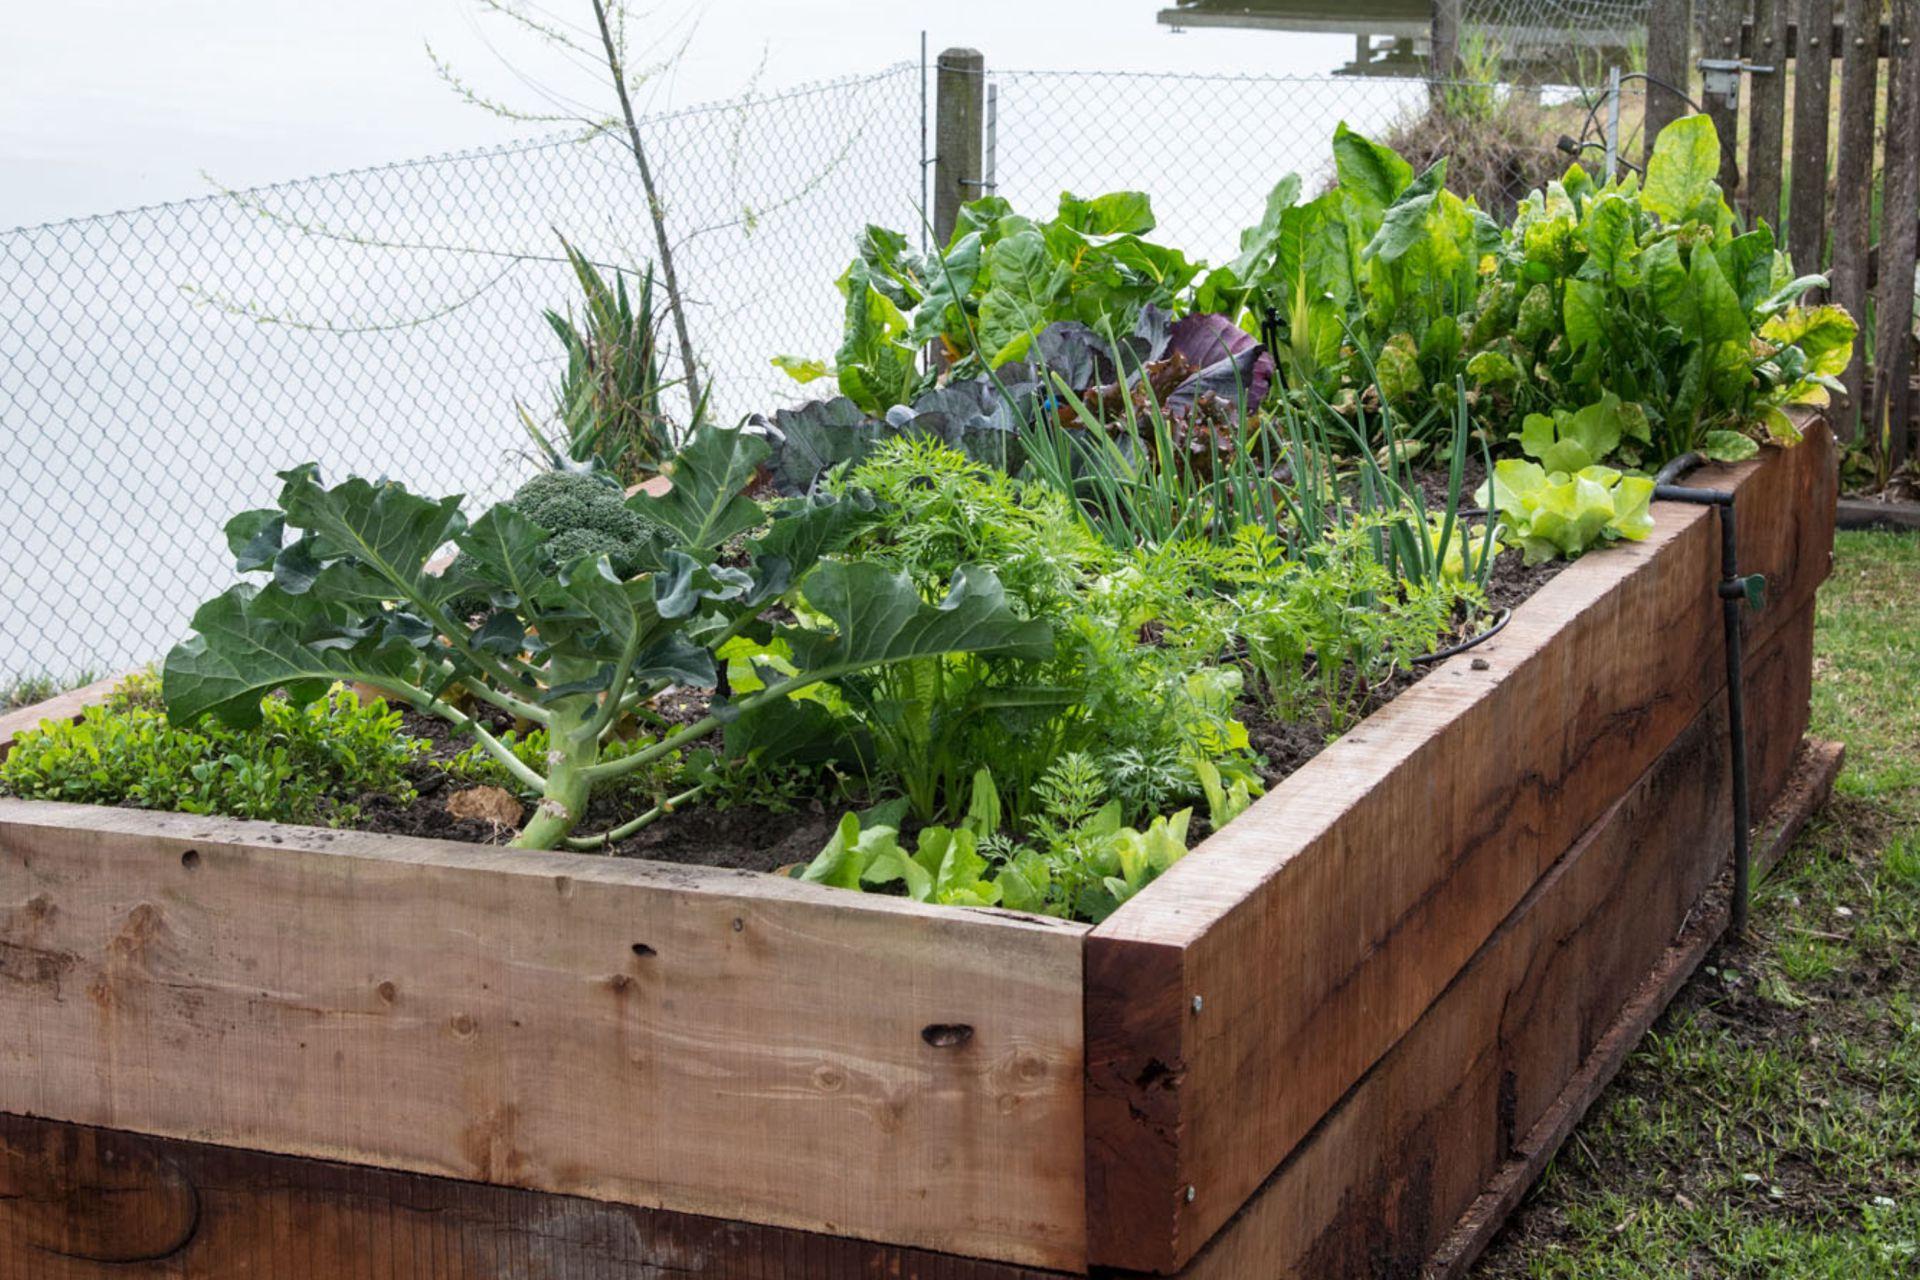 Riego, suelo, sustrato, sol y sanidad determinarán los resultados de lo que cultivamos.